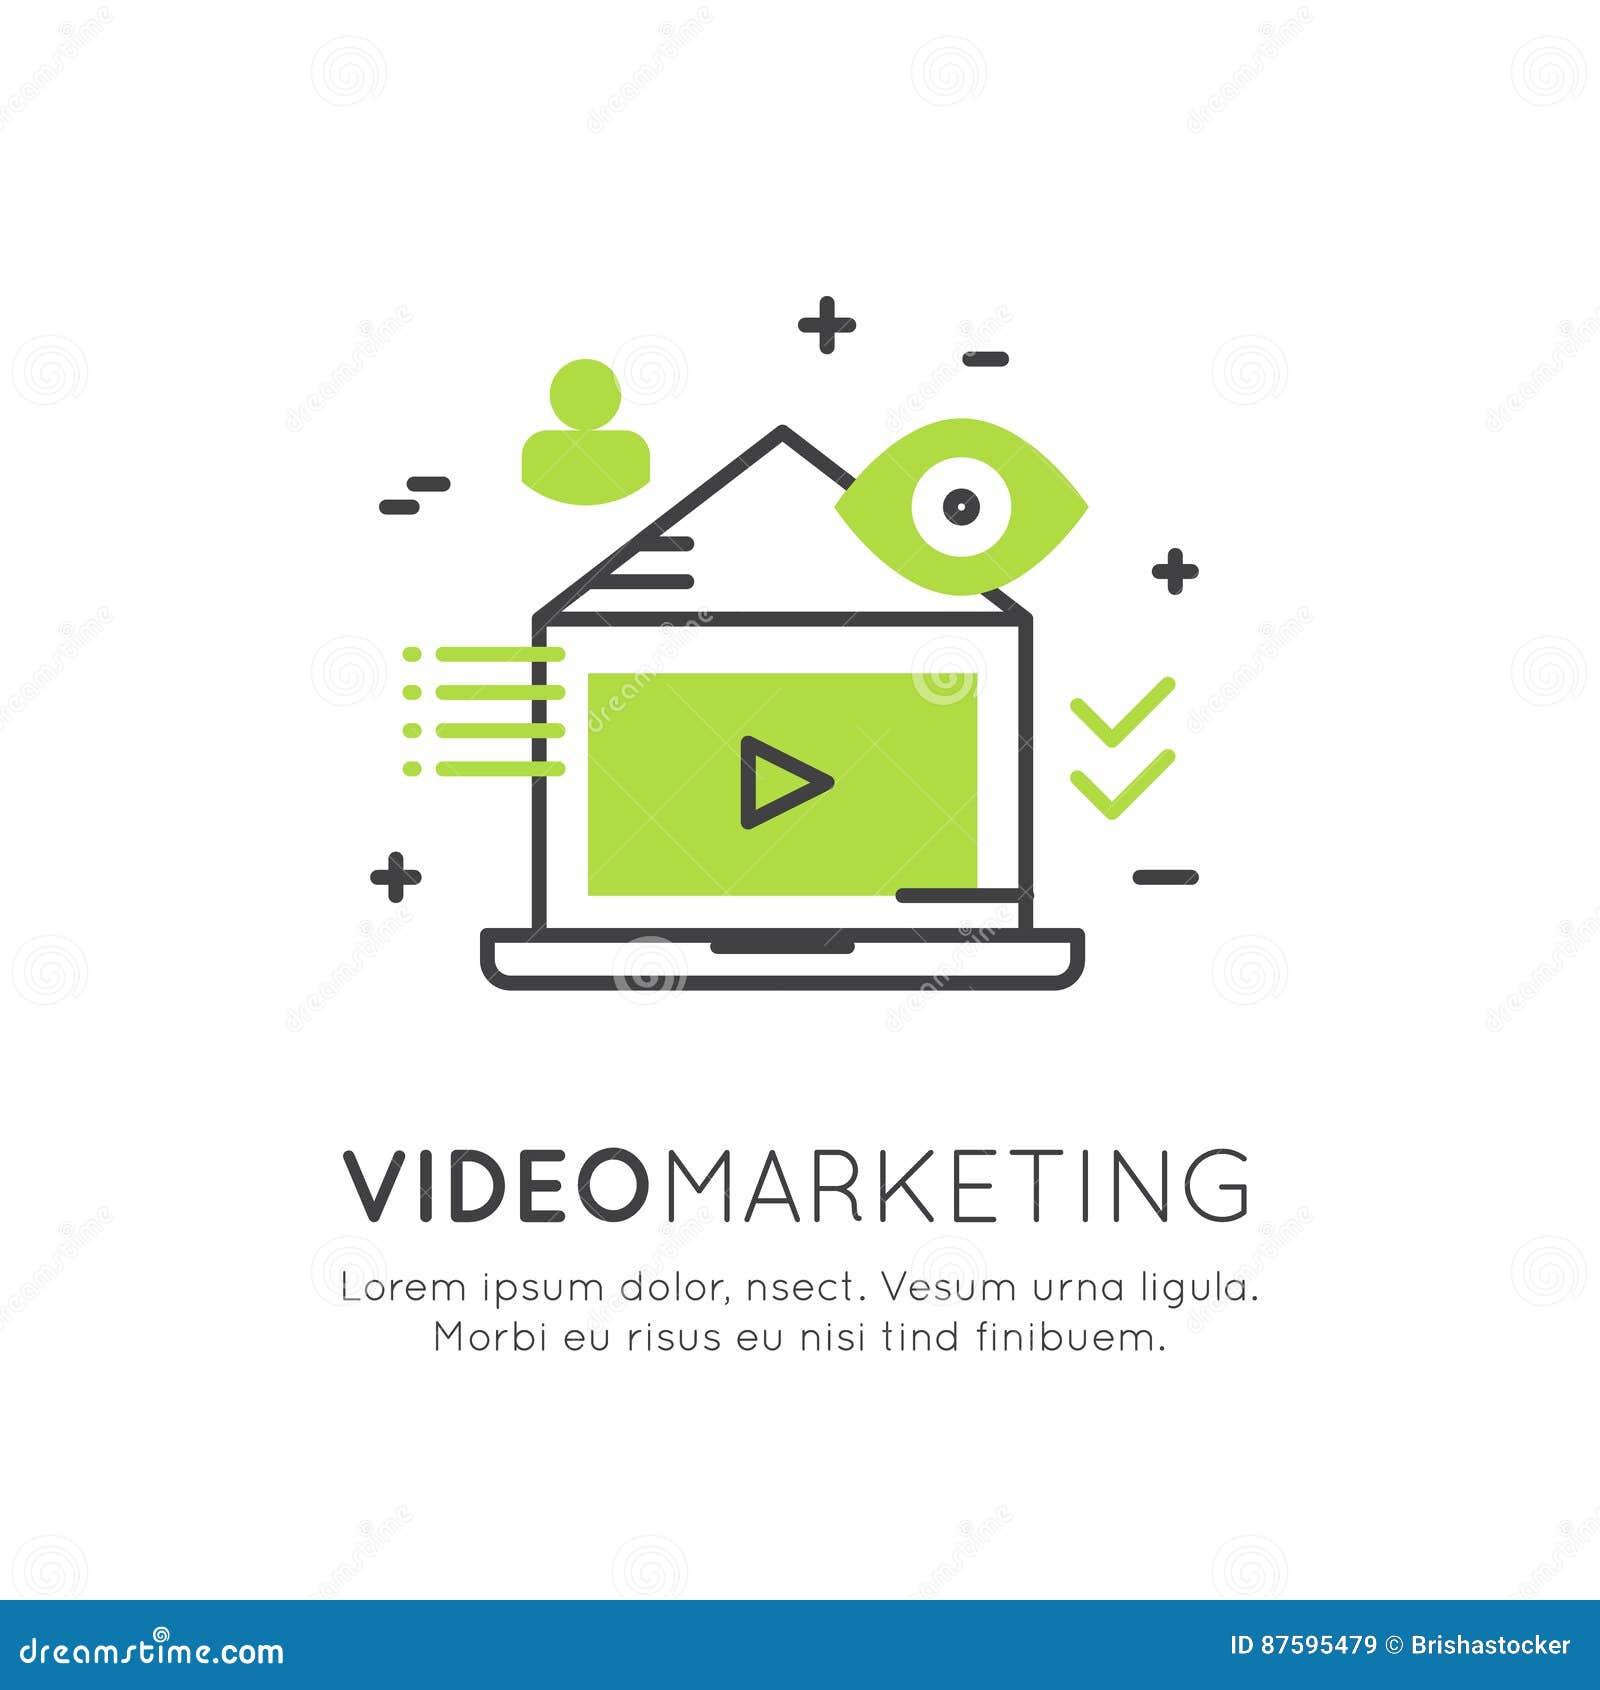 Ilustracja Wideo marketing, Internetowy email, Mobilni powiadomienia, oferta marketing lub Ogólnospołeczna kampania,